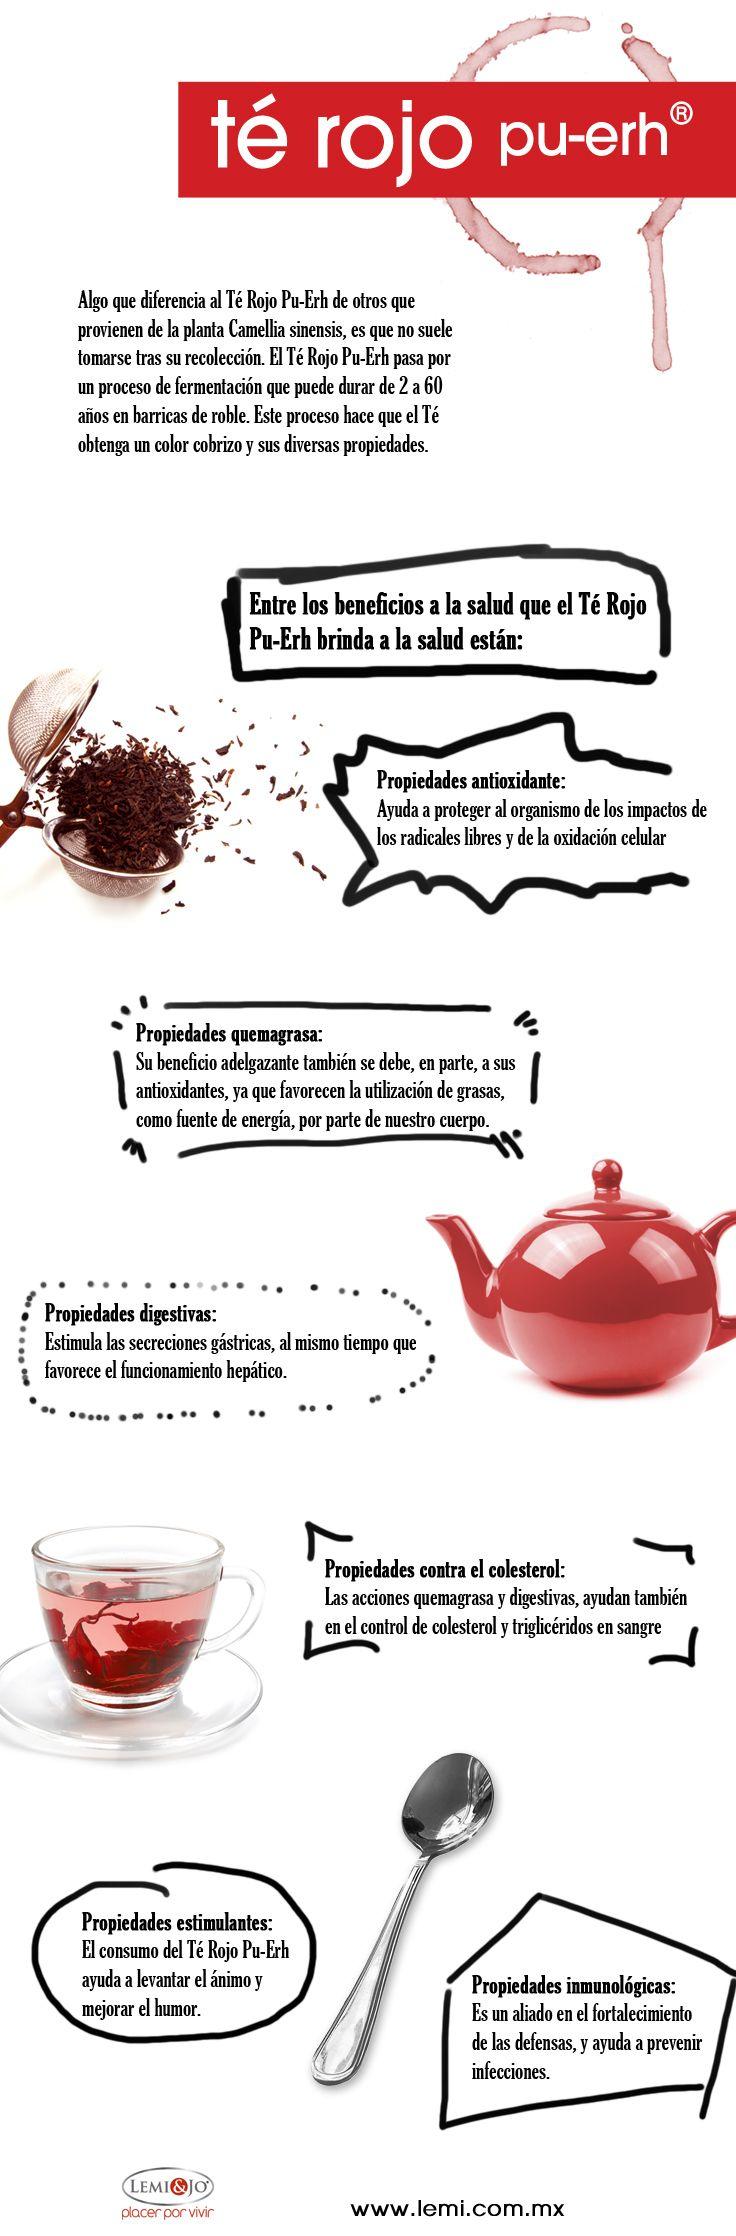 Infografía: Beneficios del Té Rojo Pu-Erh #salud y #bienestar http://lemi.com.mx